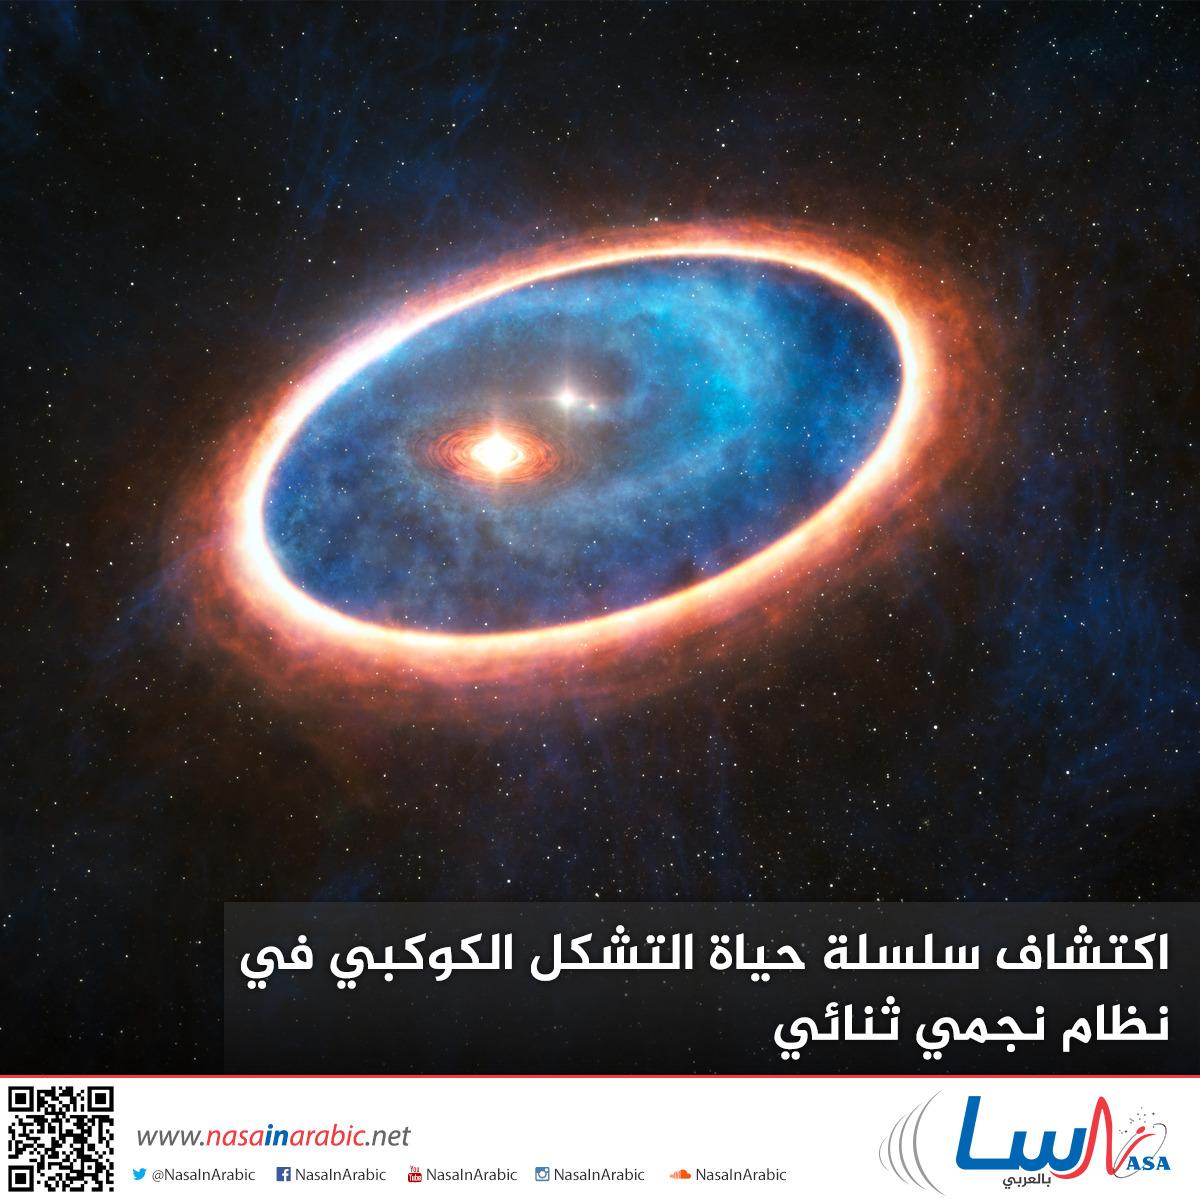 اكتشاف سلسلة حياة التشكل الكوكبي في نظام نجمي ثنائي